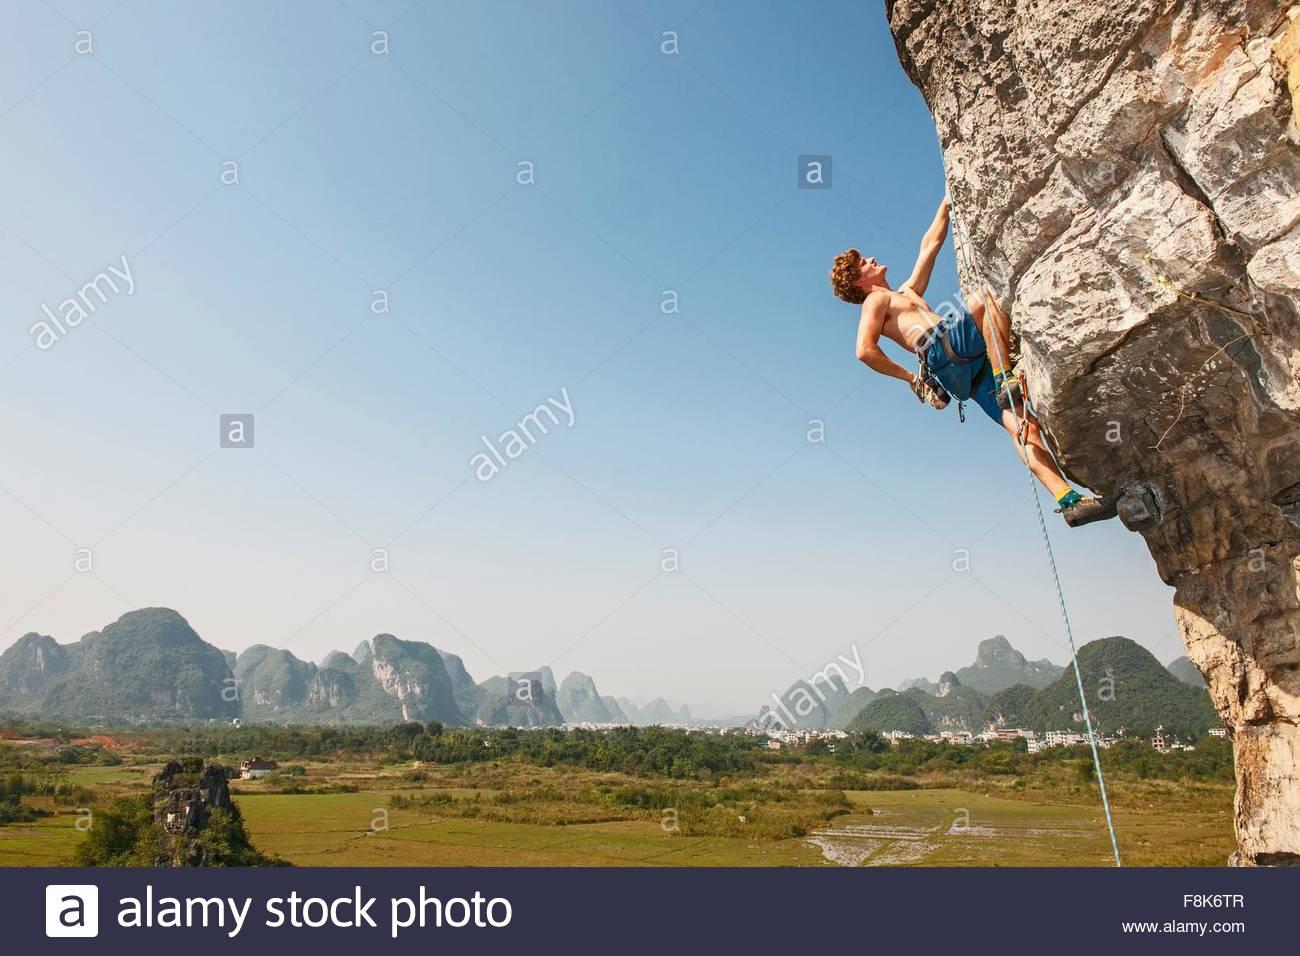 Male climber climbing on the Egg - a limestone cliff in Yangshuo, Guangxi Zhuang, China Stock Photo